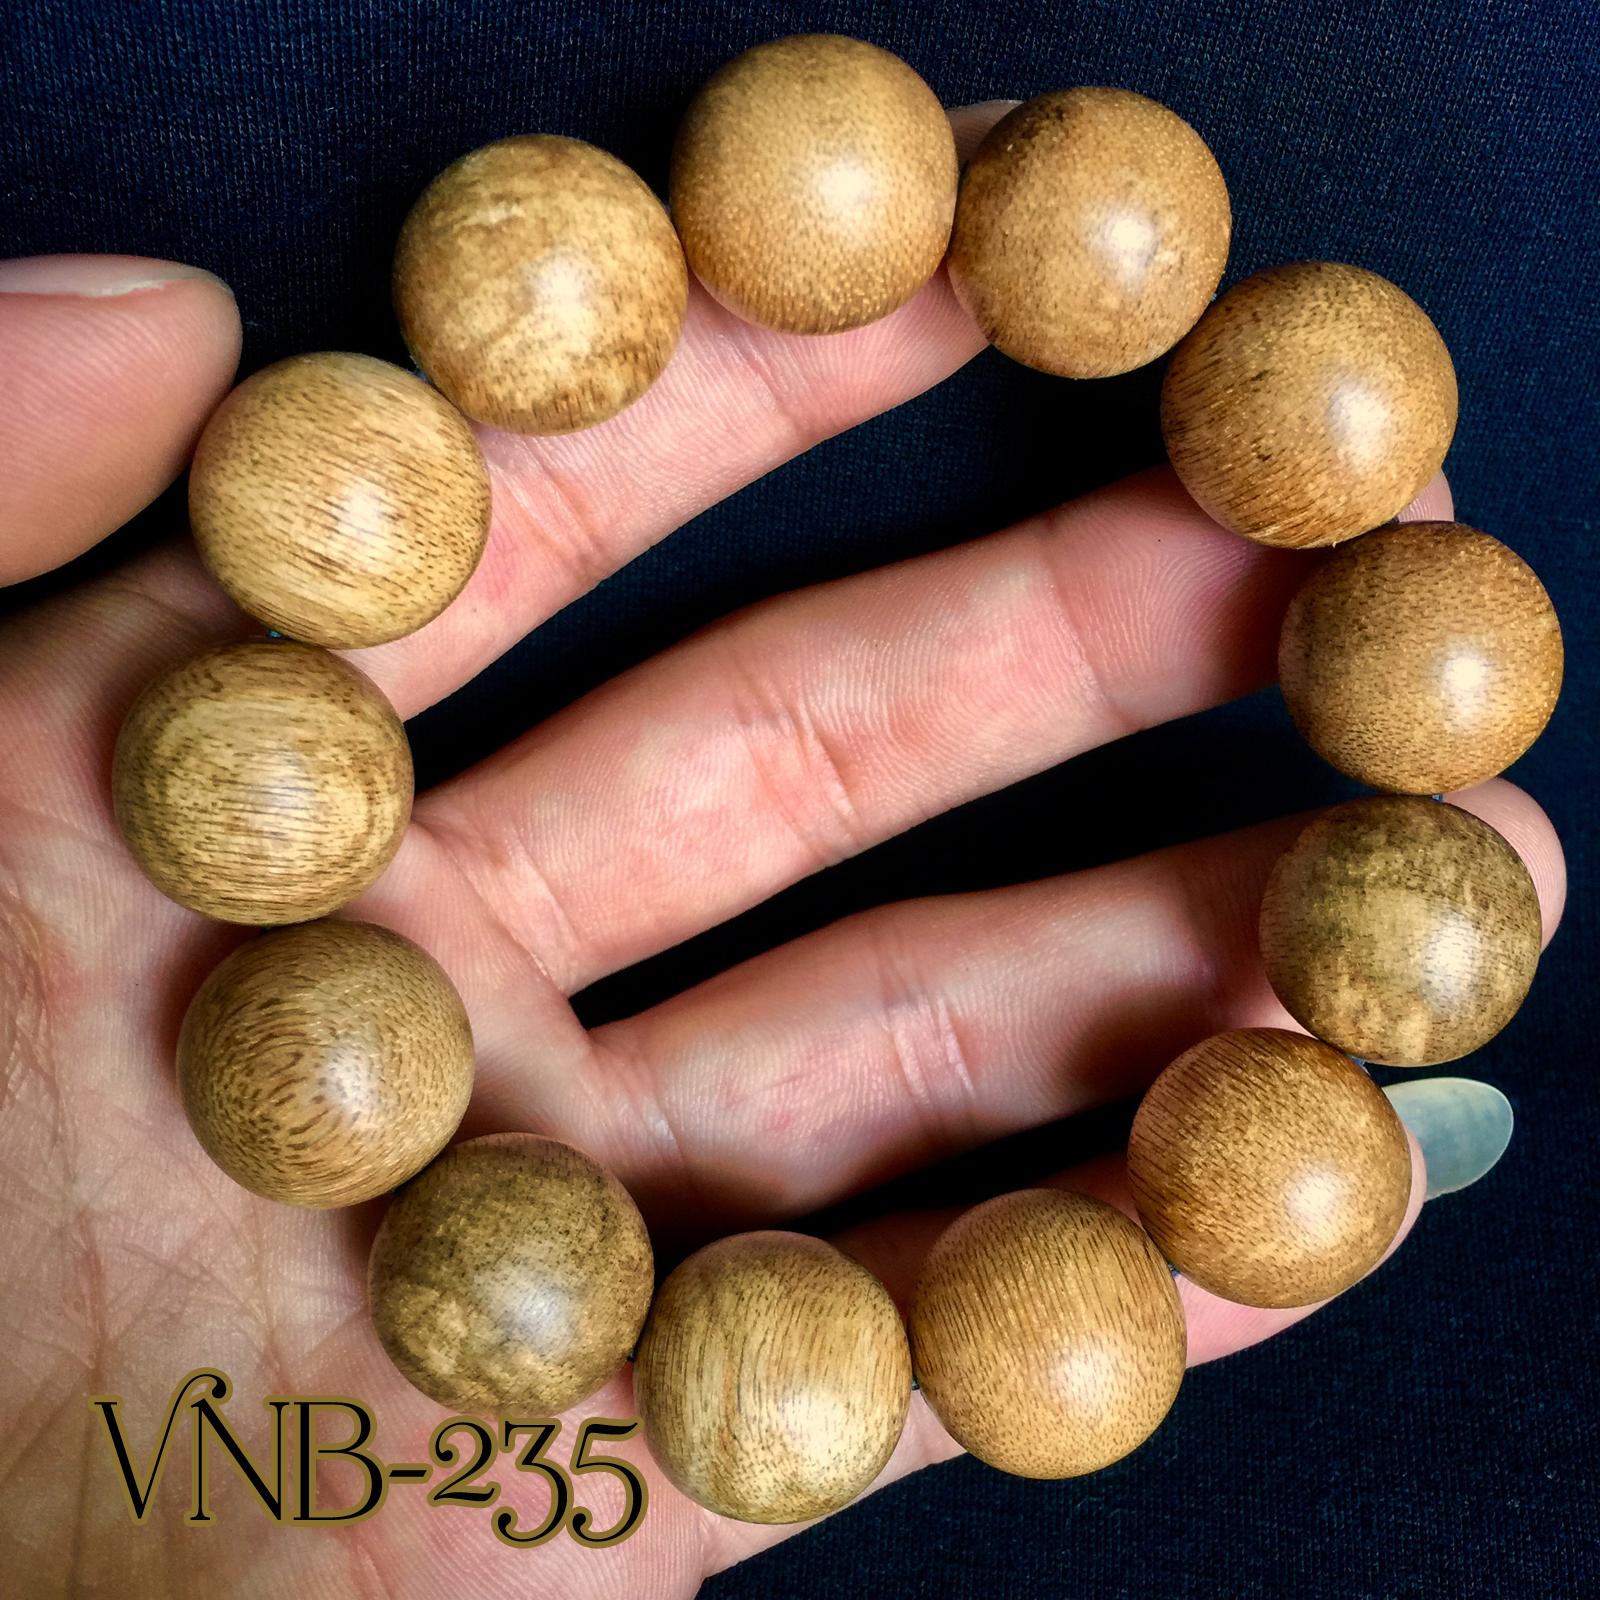 Vòng tay trầm hương Việt Nam vnb-235